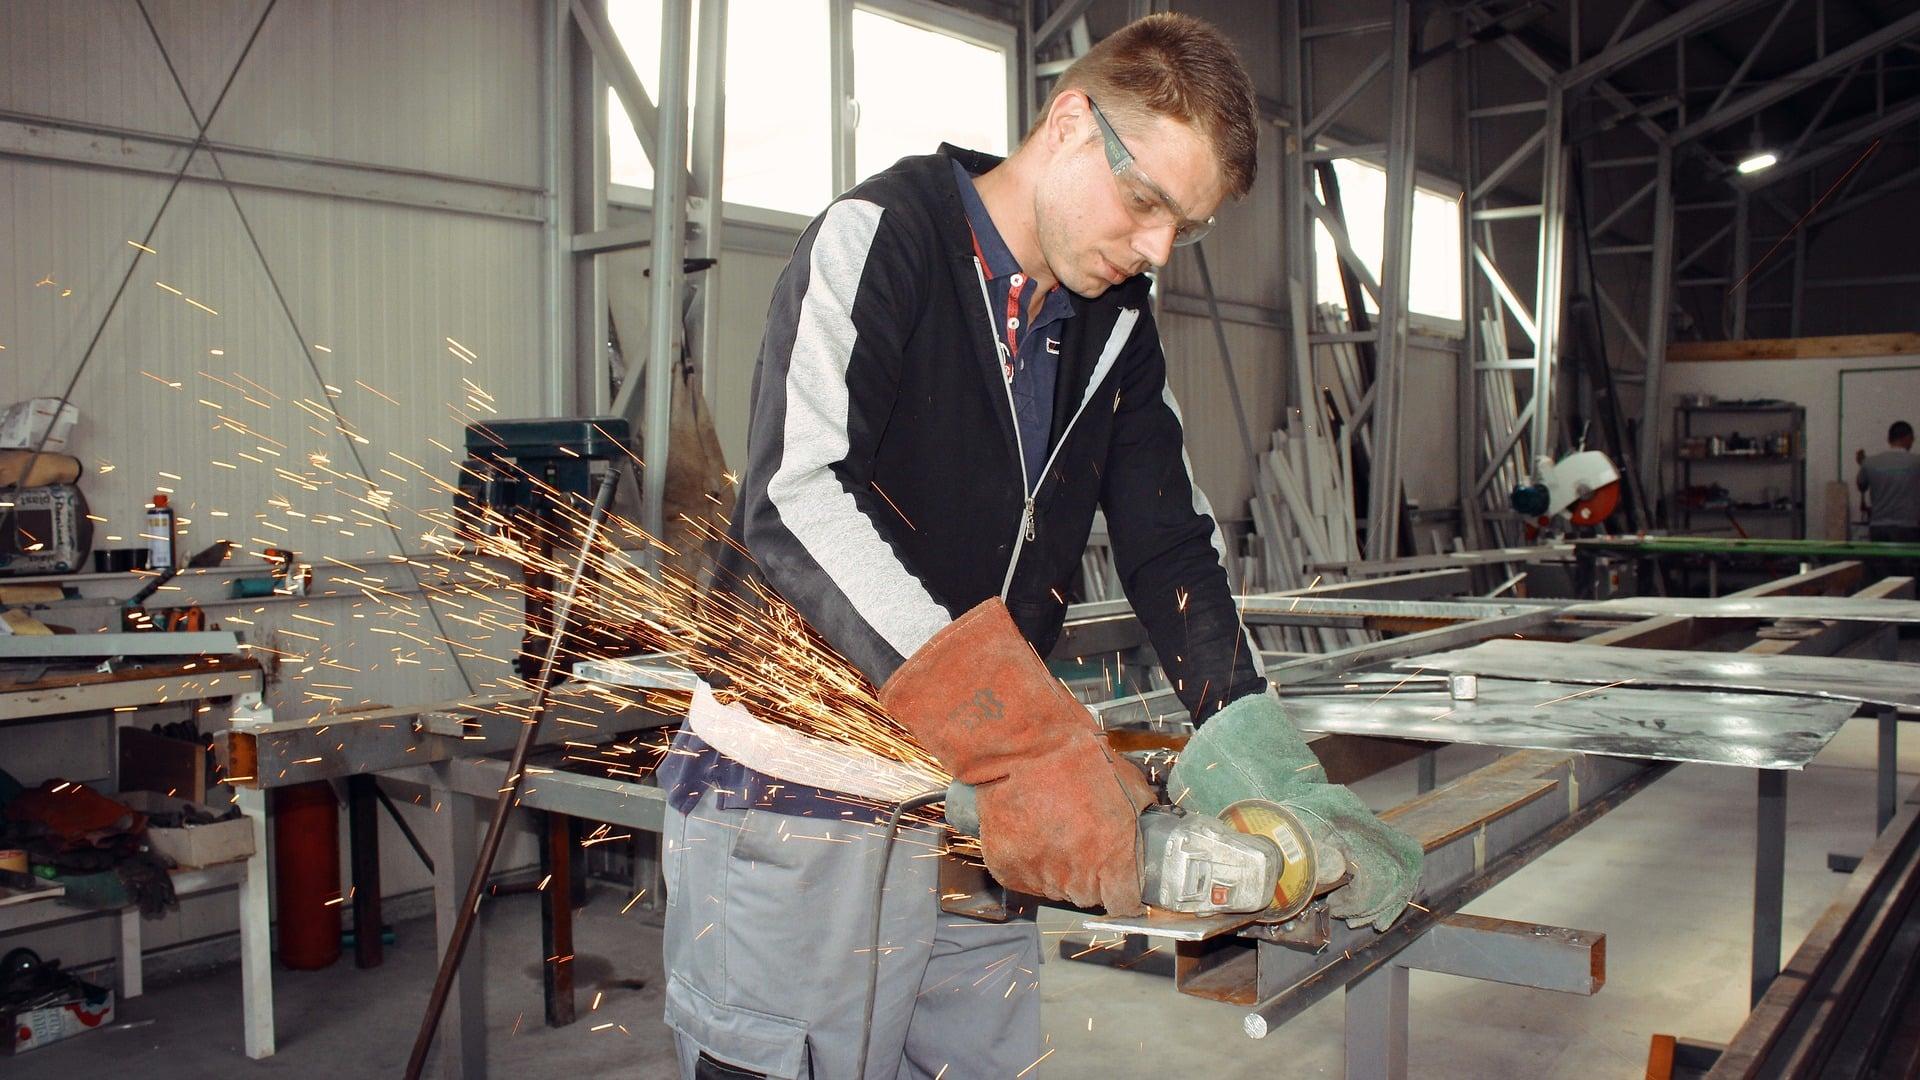 Réparation et dépannage d'une serrure à Lyon